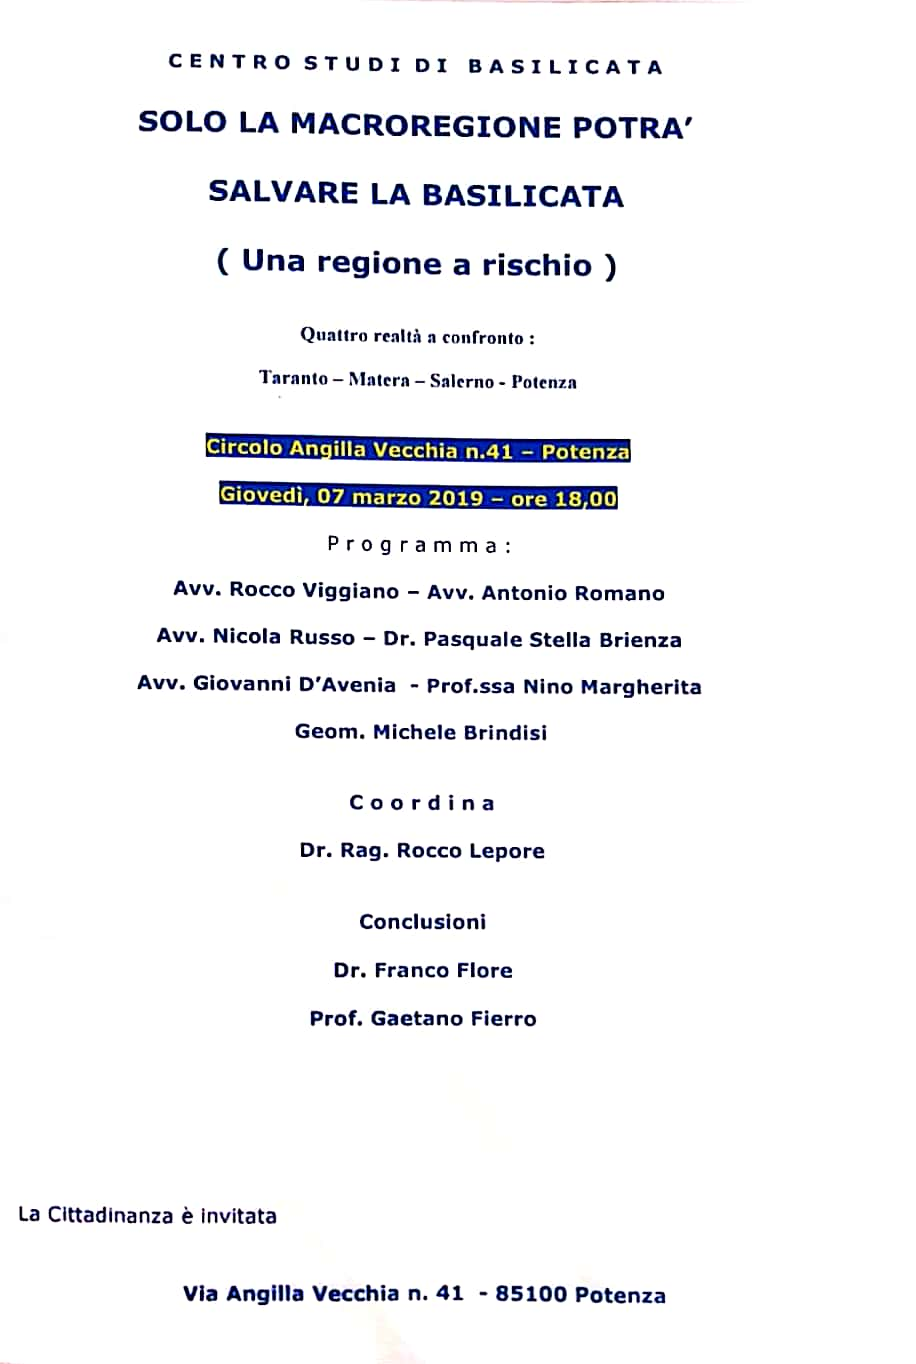 7 marzo l'iniziativa di Gaetano Fierro